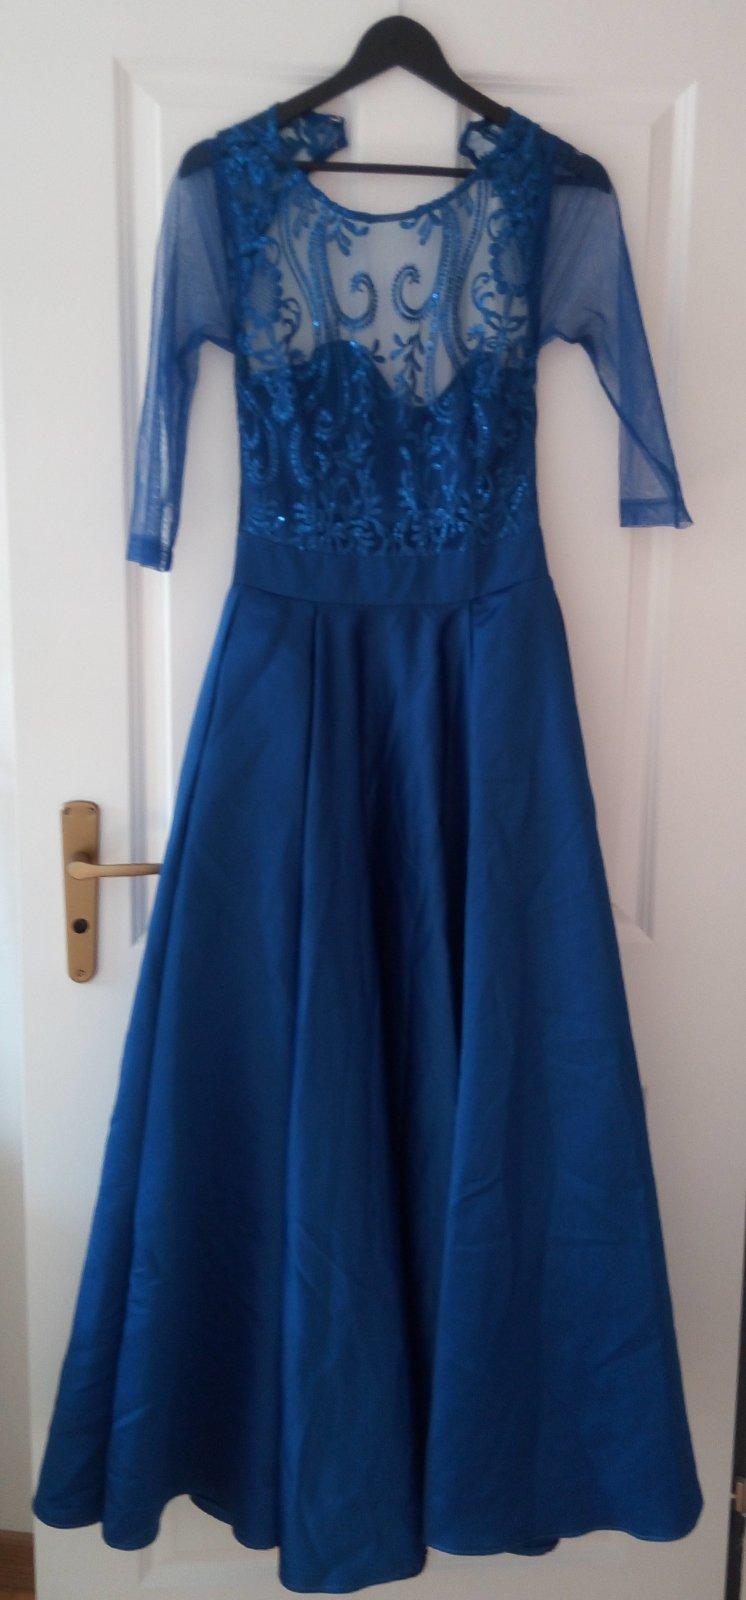 Kráľovsky modré šaty XS - Obrázok č. 2